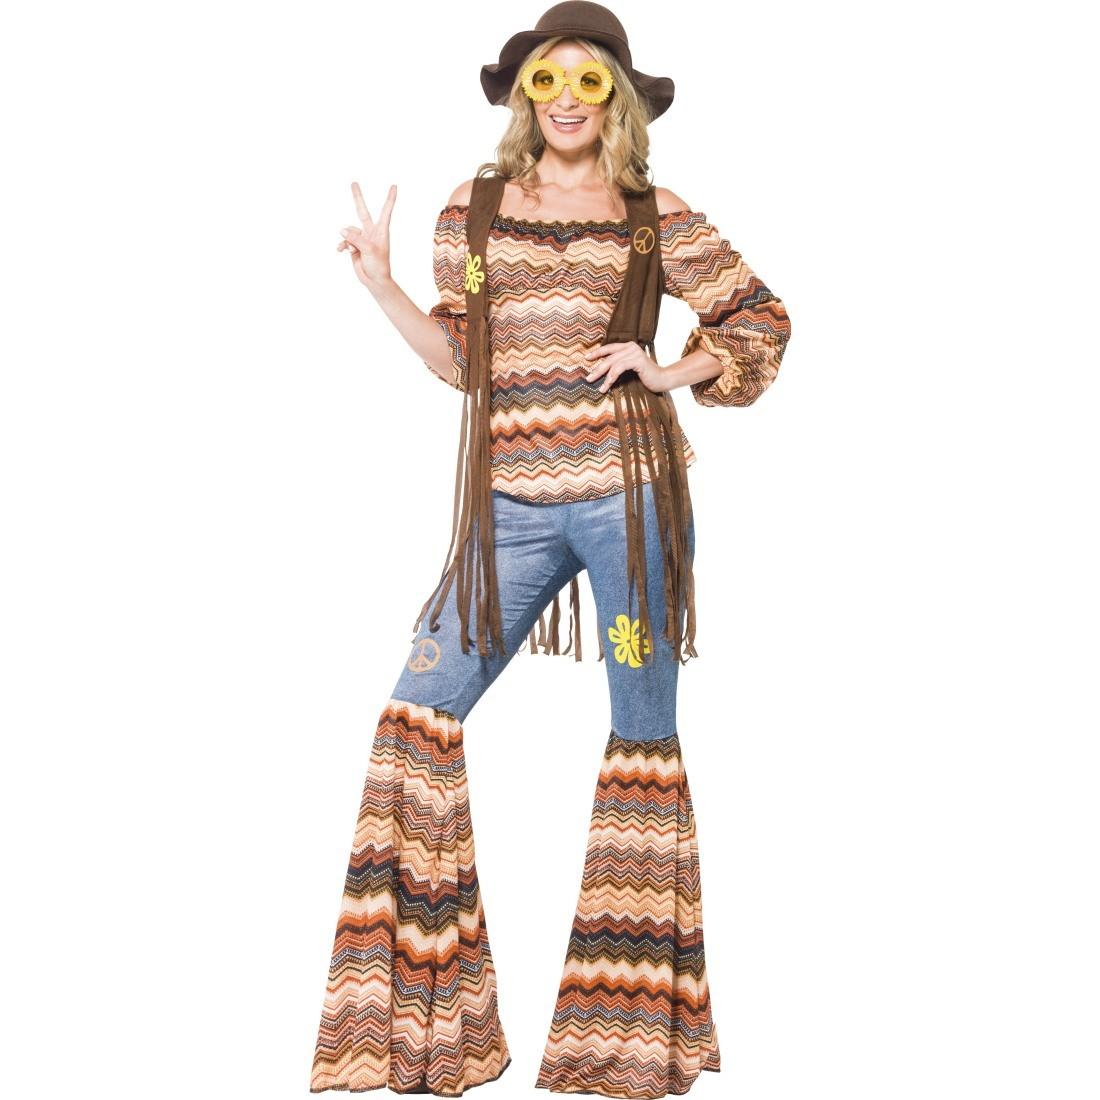 70er jahre outfit hippie kost m 60er jahre vintage hippiekost m flower power damenkost m. Black Bedroom Furniture Sets. Home Design Ideas